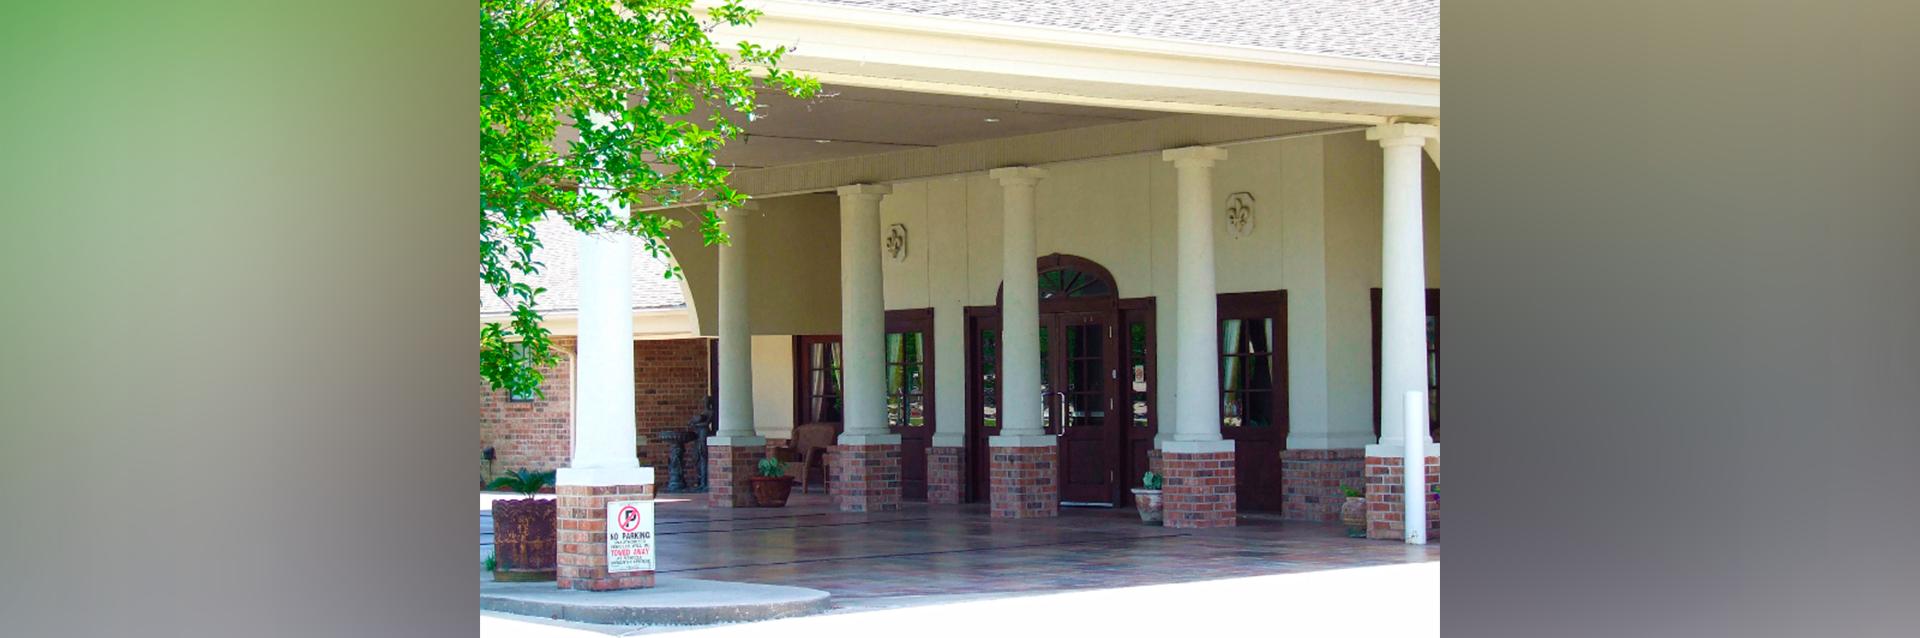 Maison De Lafayette Nursing Home